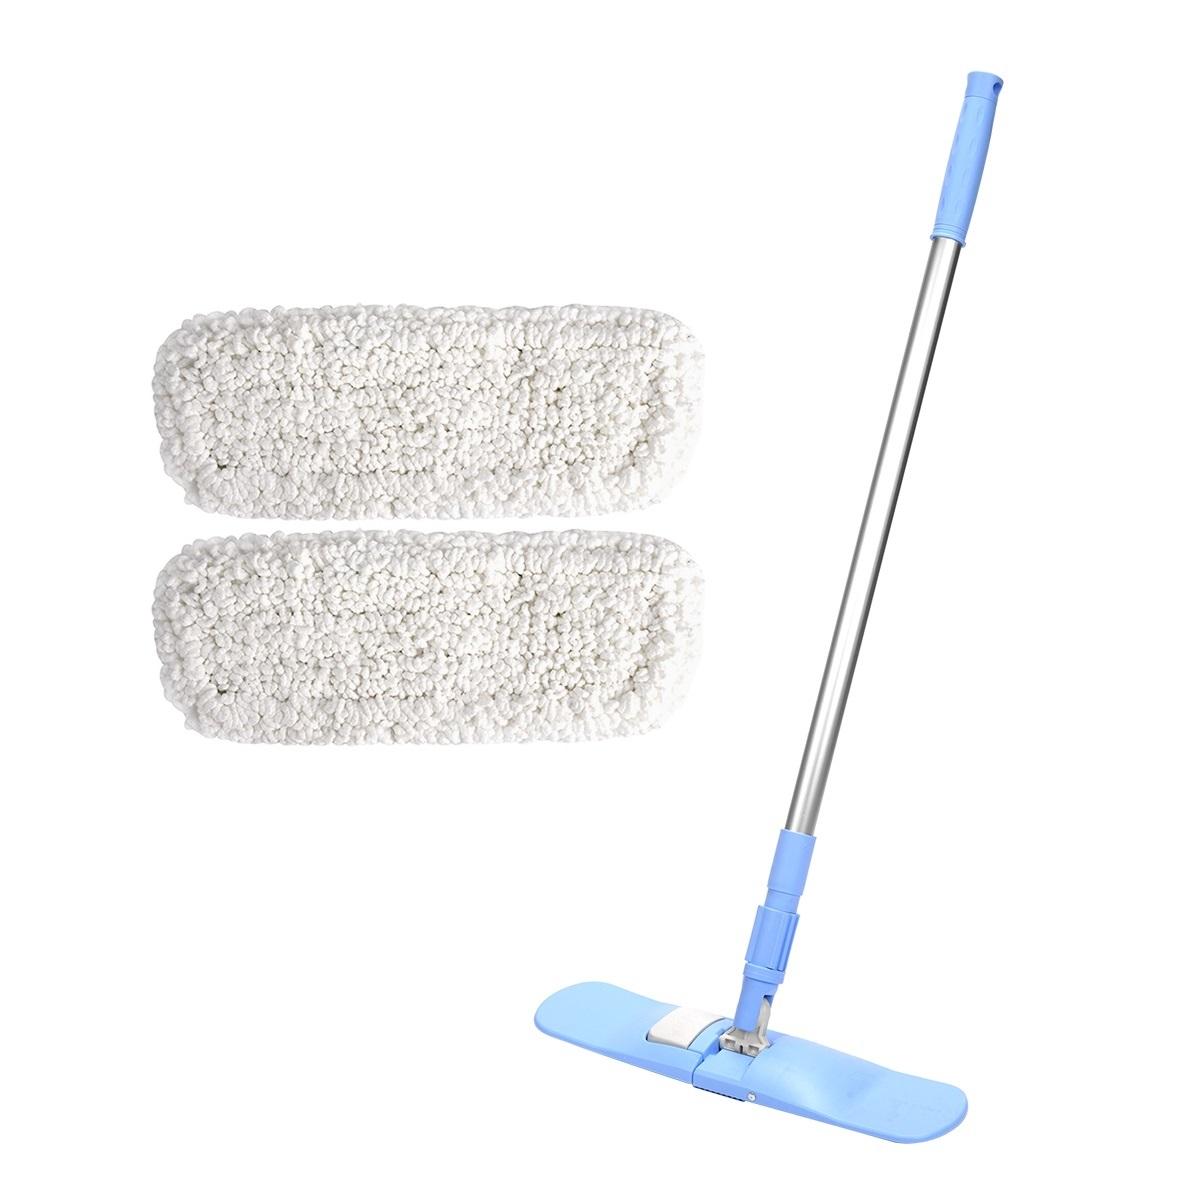 에이클린 접이식 핸디 밀대 청소기 사각형 블루 + 플라워 패드 화이트 2p 세트, 1세트